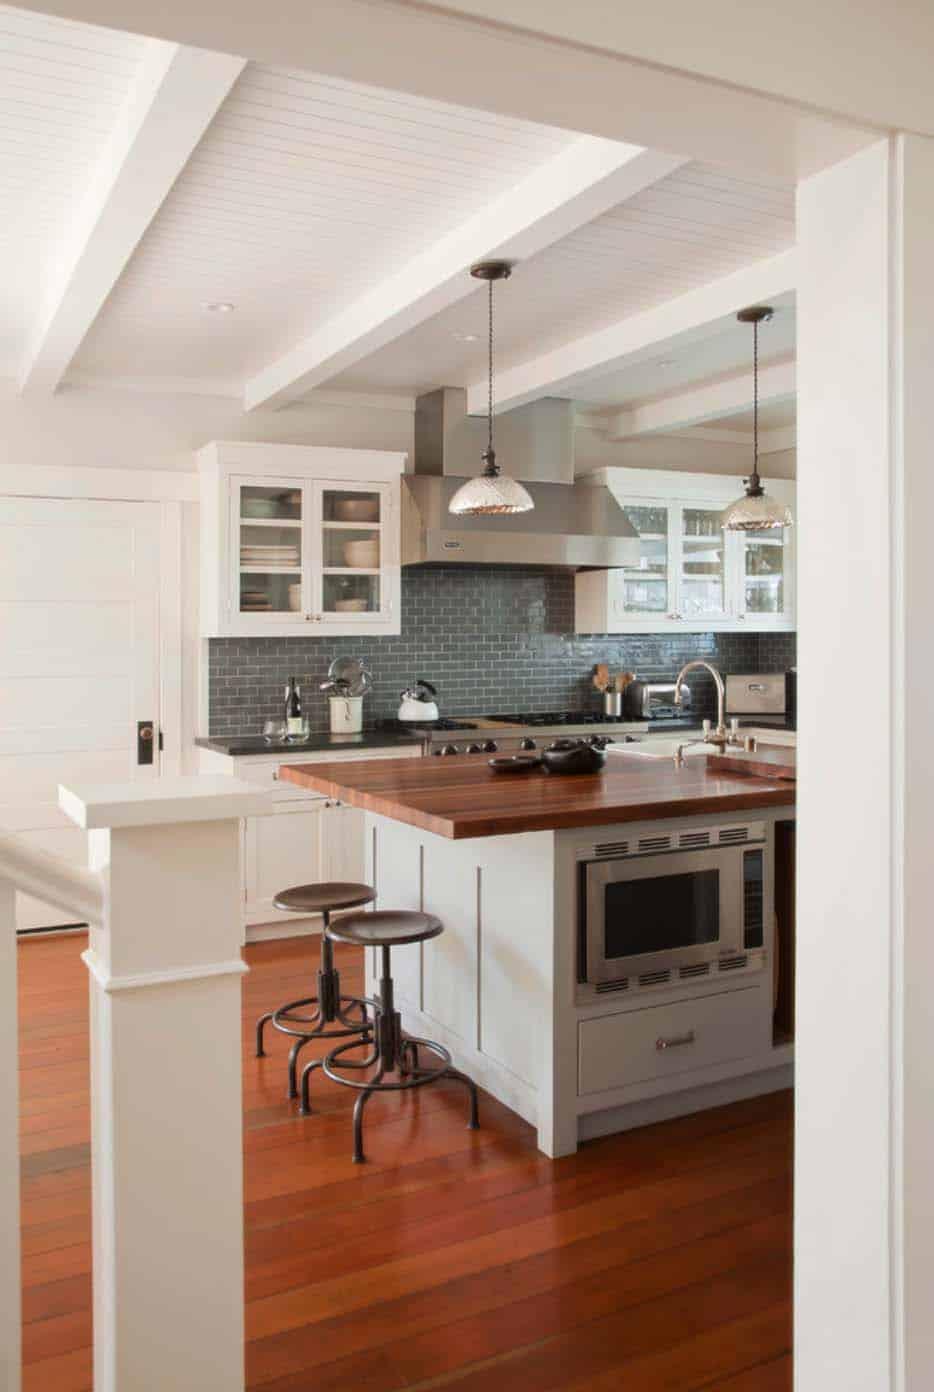 Santa Monica Beach House-Evens Architects-07-1 Kindesign